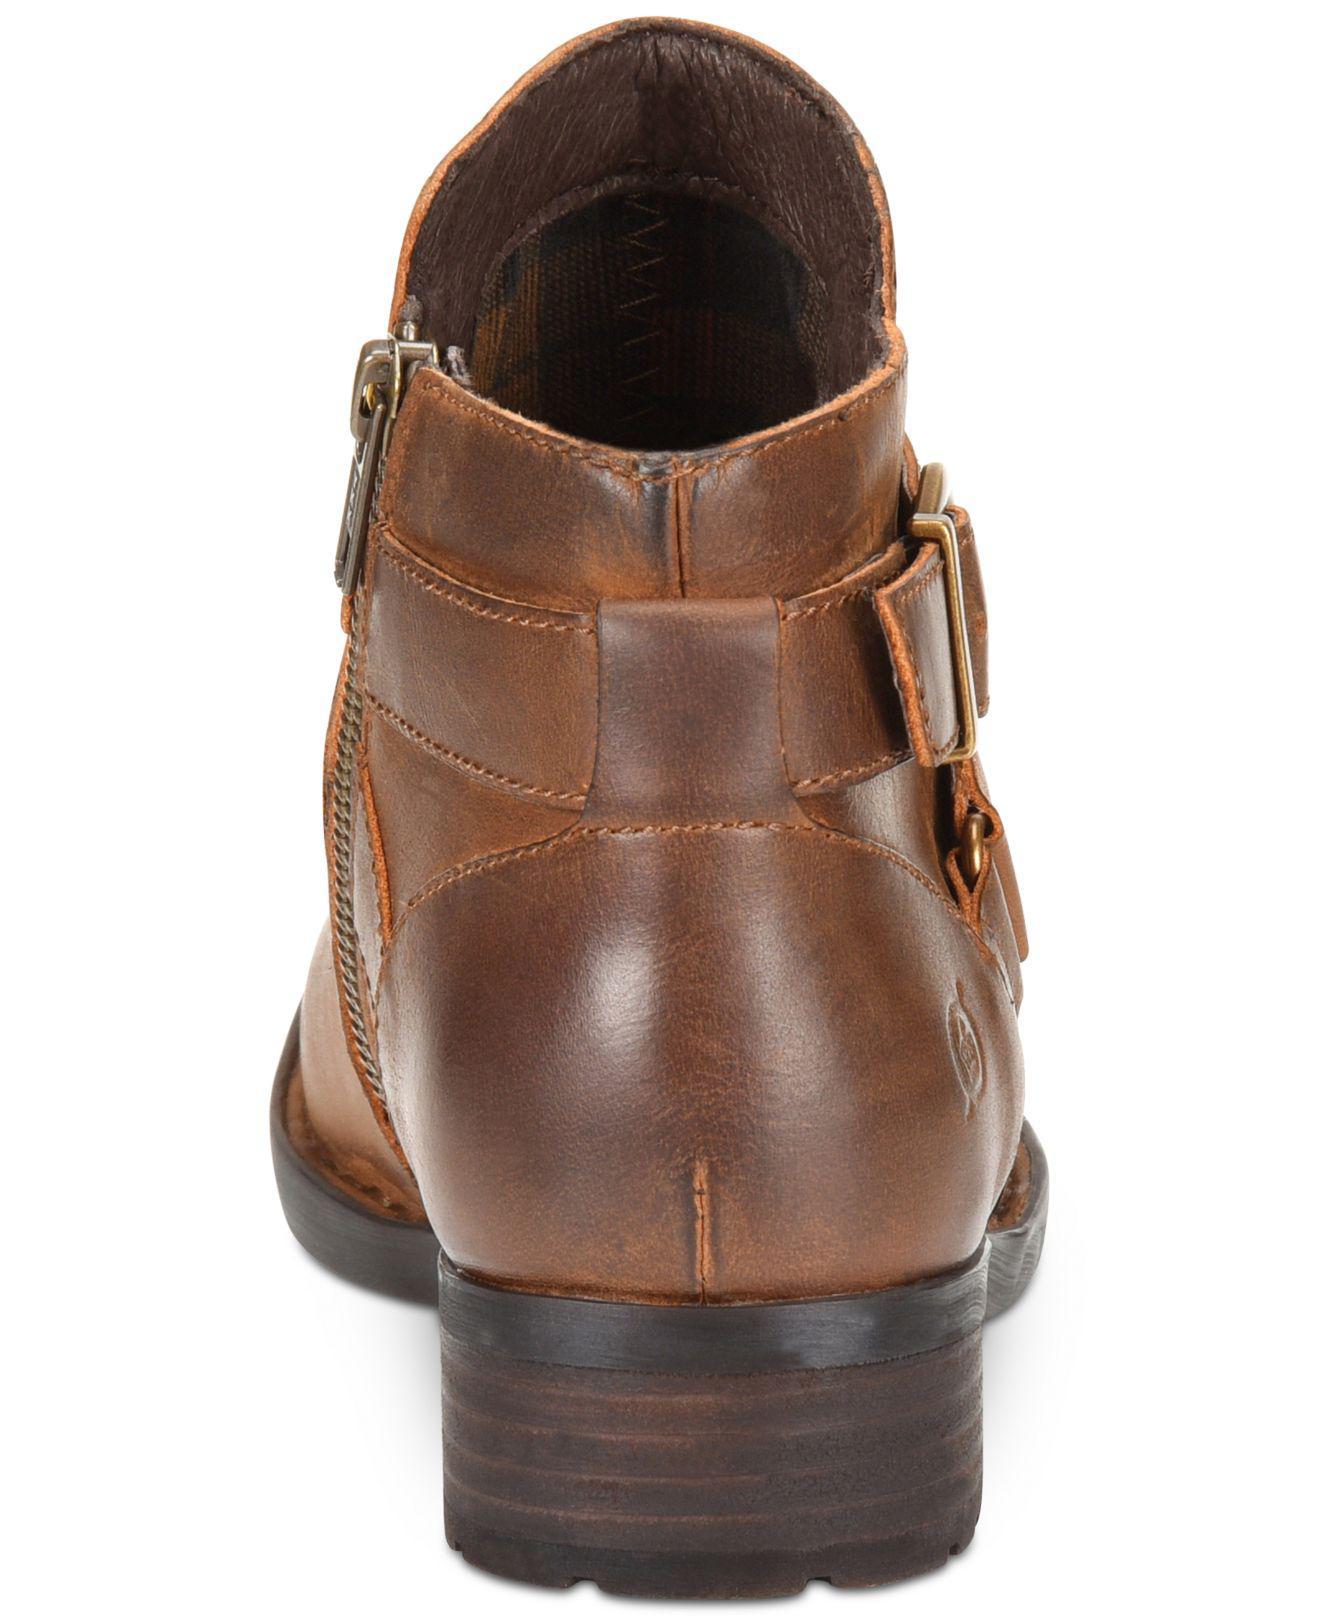 moda taglia marrone alla donna Kr6o in montatura pelle martellata chiusa 6 a Stivali con da 5 punta qtOwxRnAp